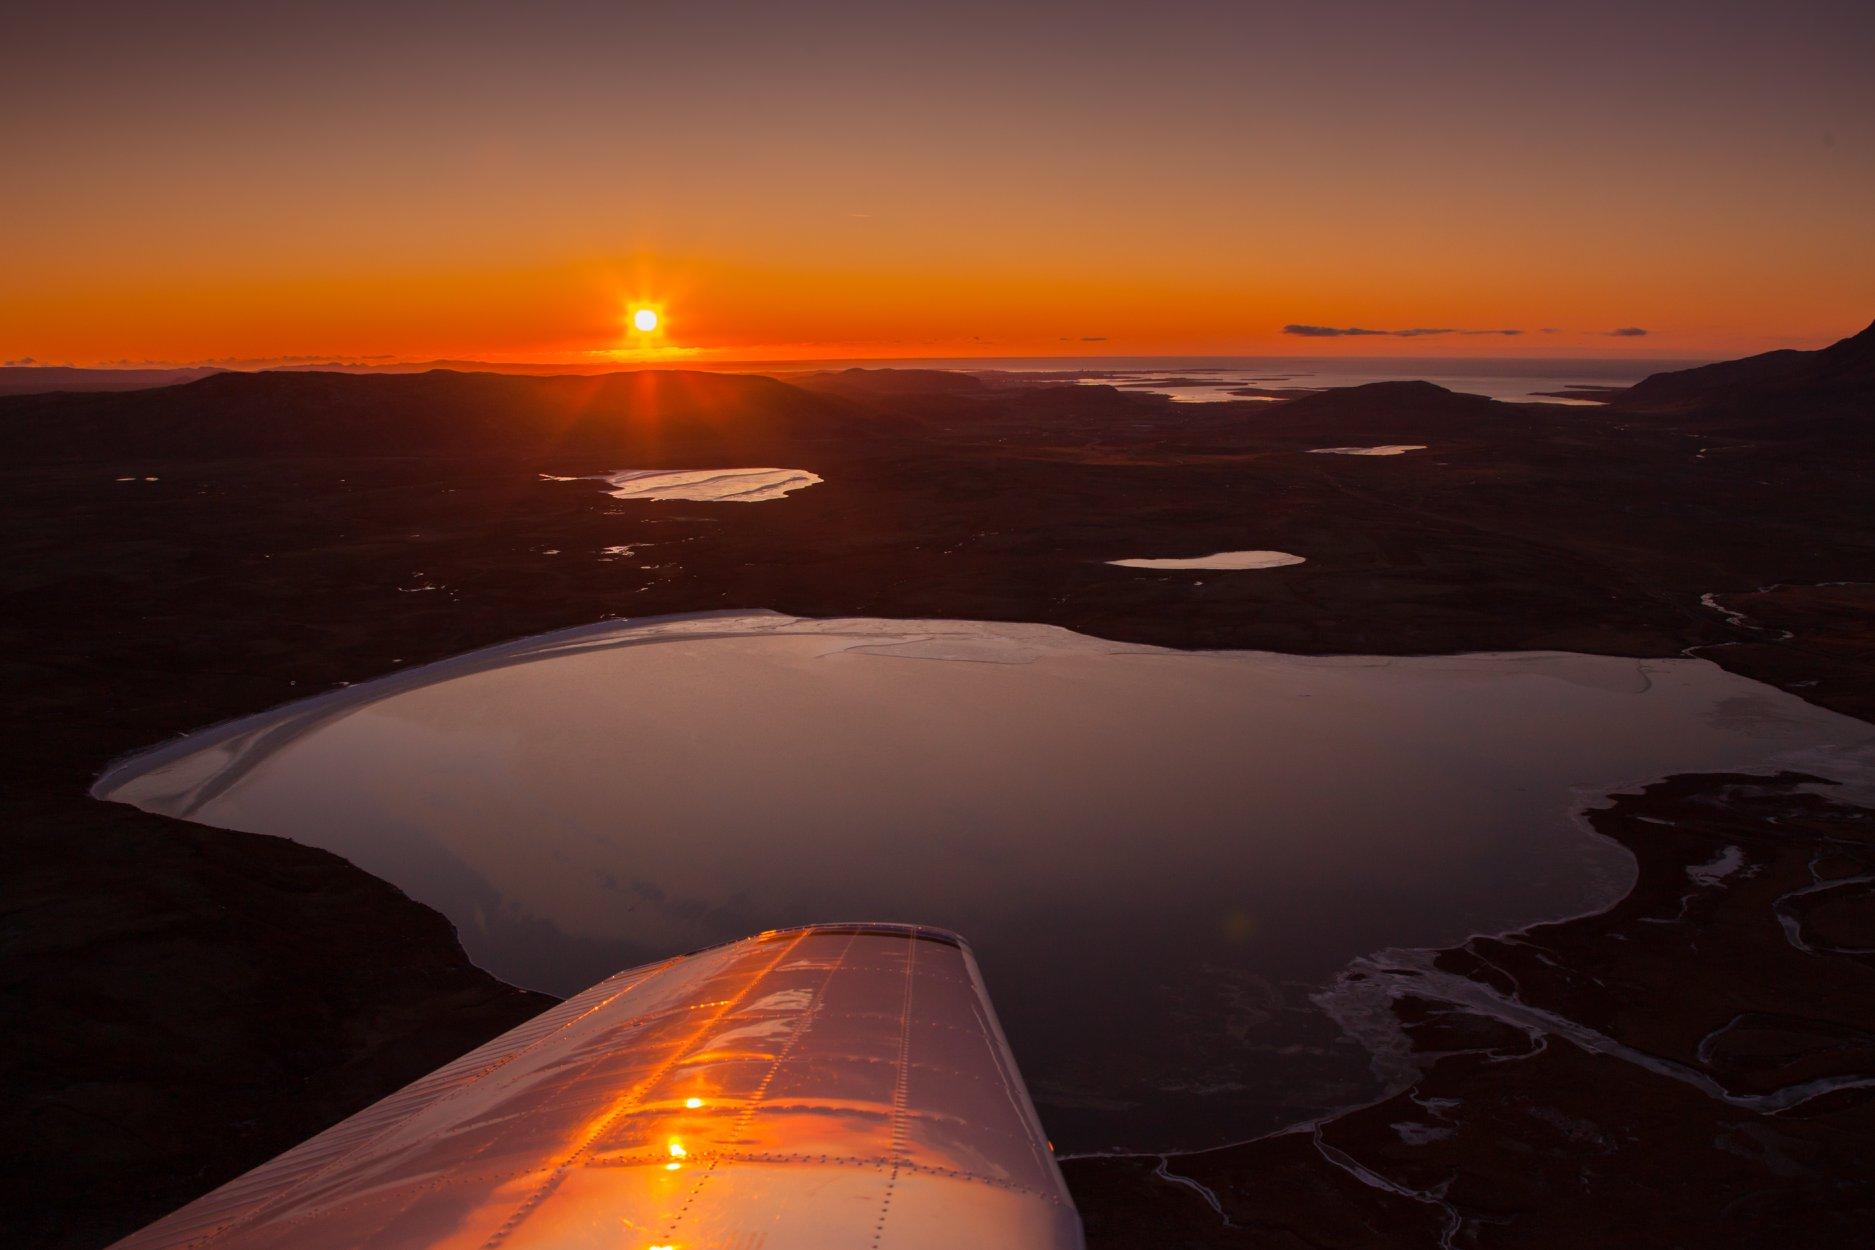 Evening flight in the area of Borgarfjörður on Piper PA-28-181 reg. TF-RJC in October // Source: Halldor Kr Jonsson